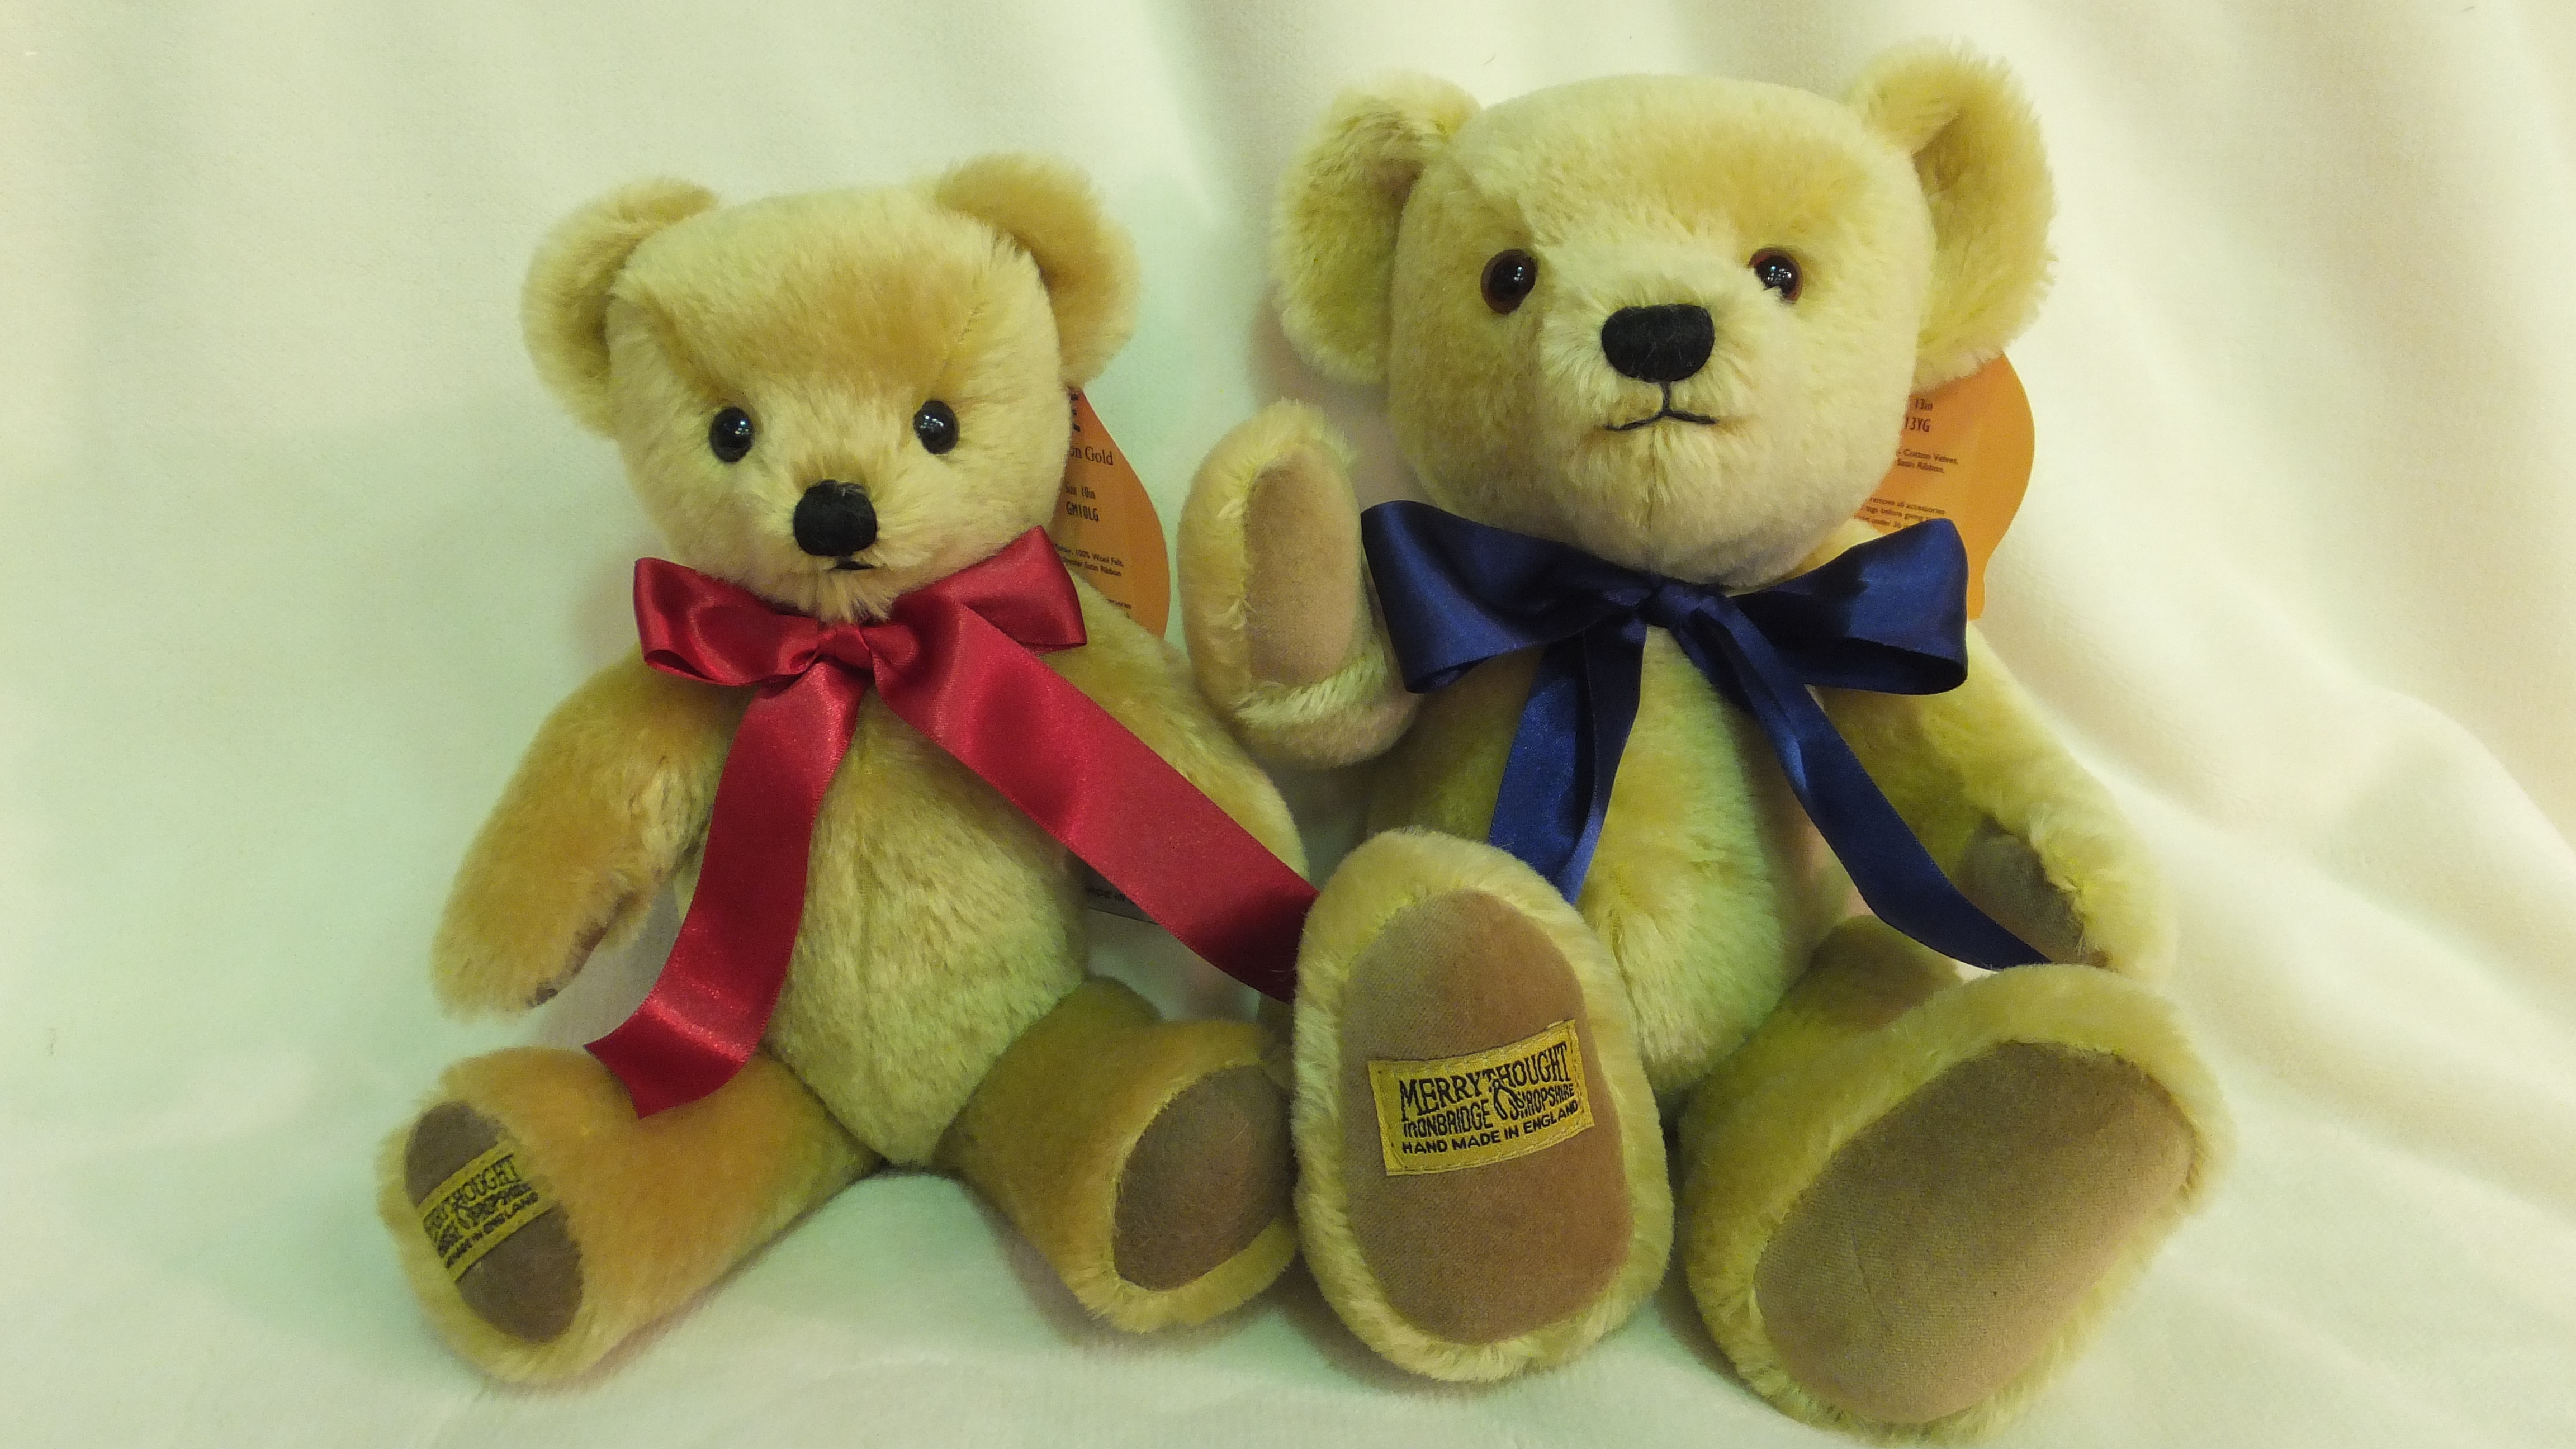 英国公司的泰迪熊【MERRYTHOUGHT/许愿骨】的图像